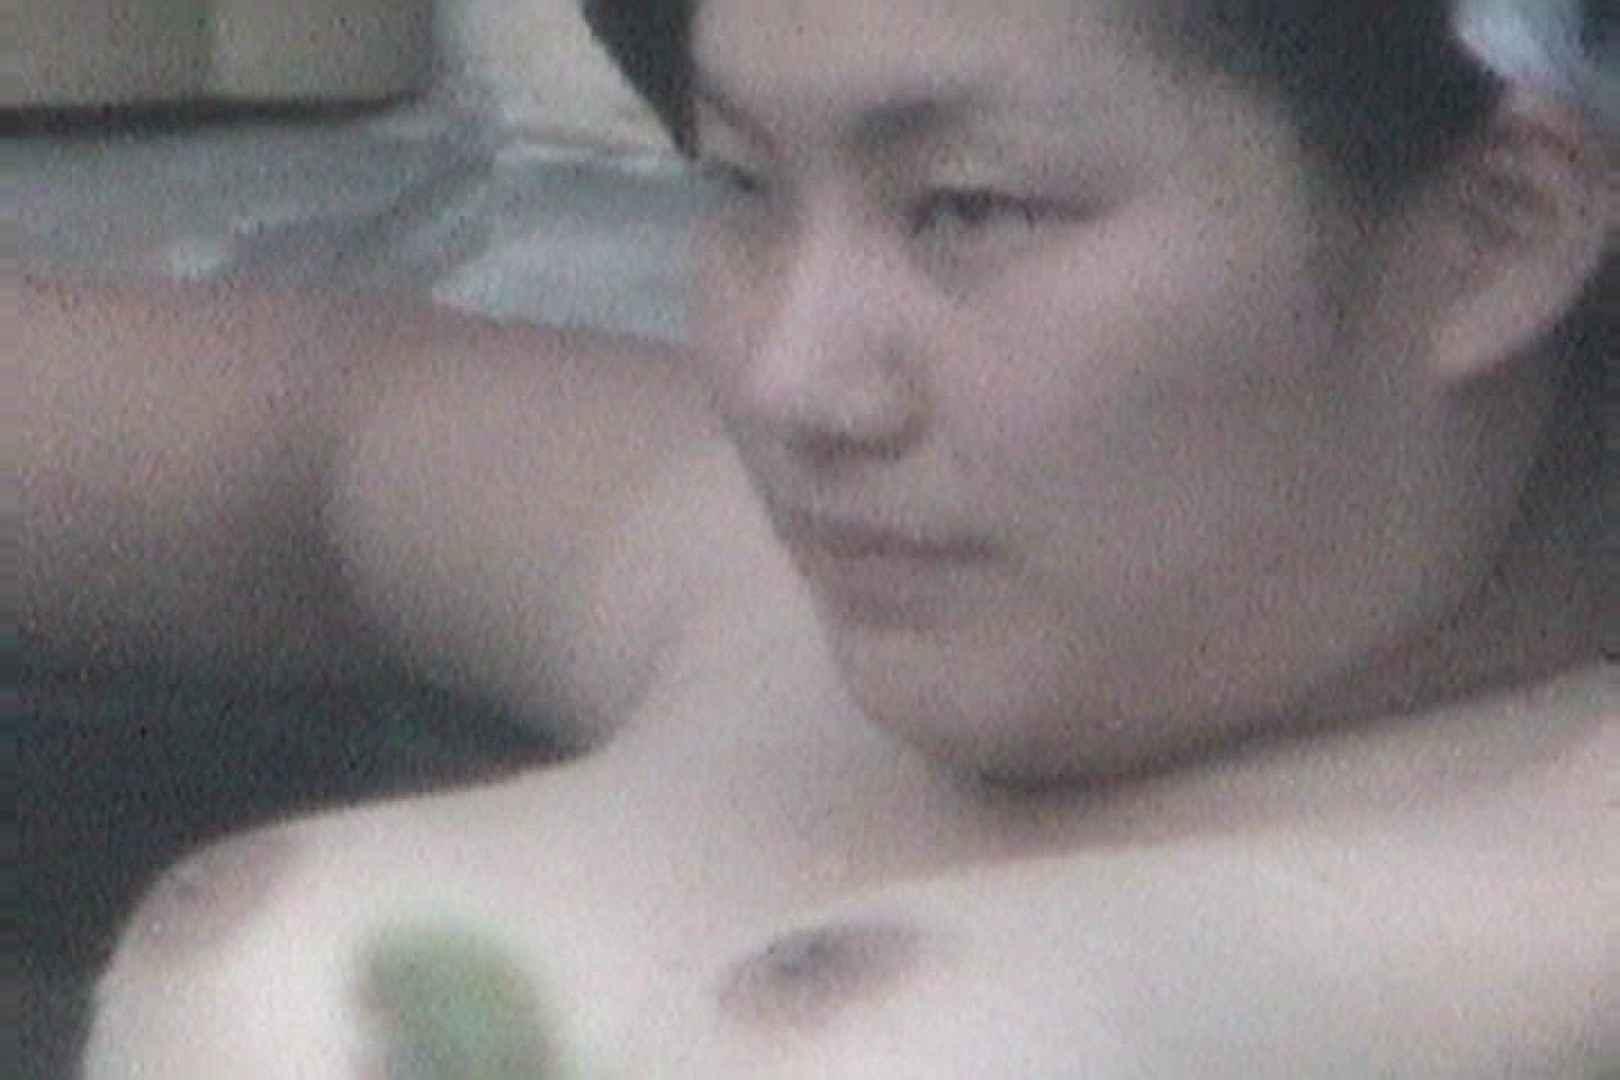 Aquaな露天風呂Vol.103 盗撮大放出 のぞき動画キャプチャ 71連発 13